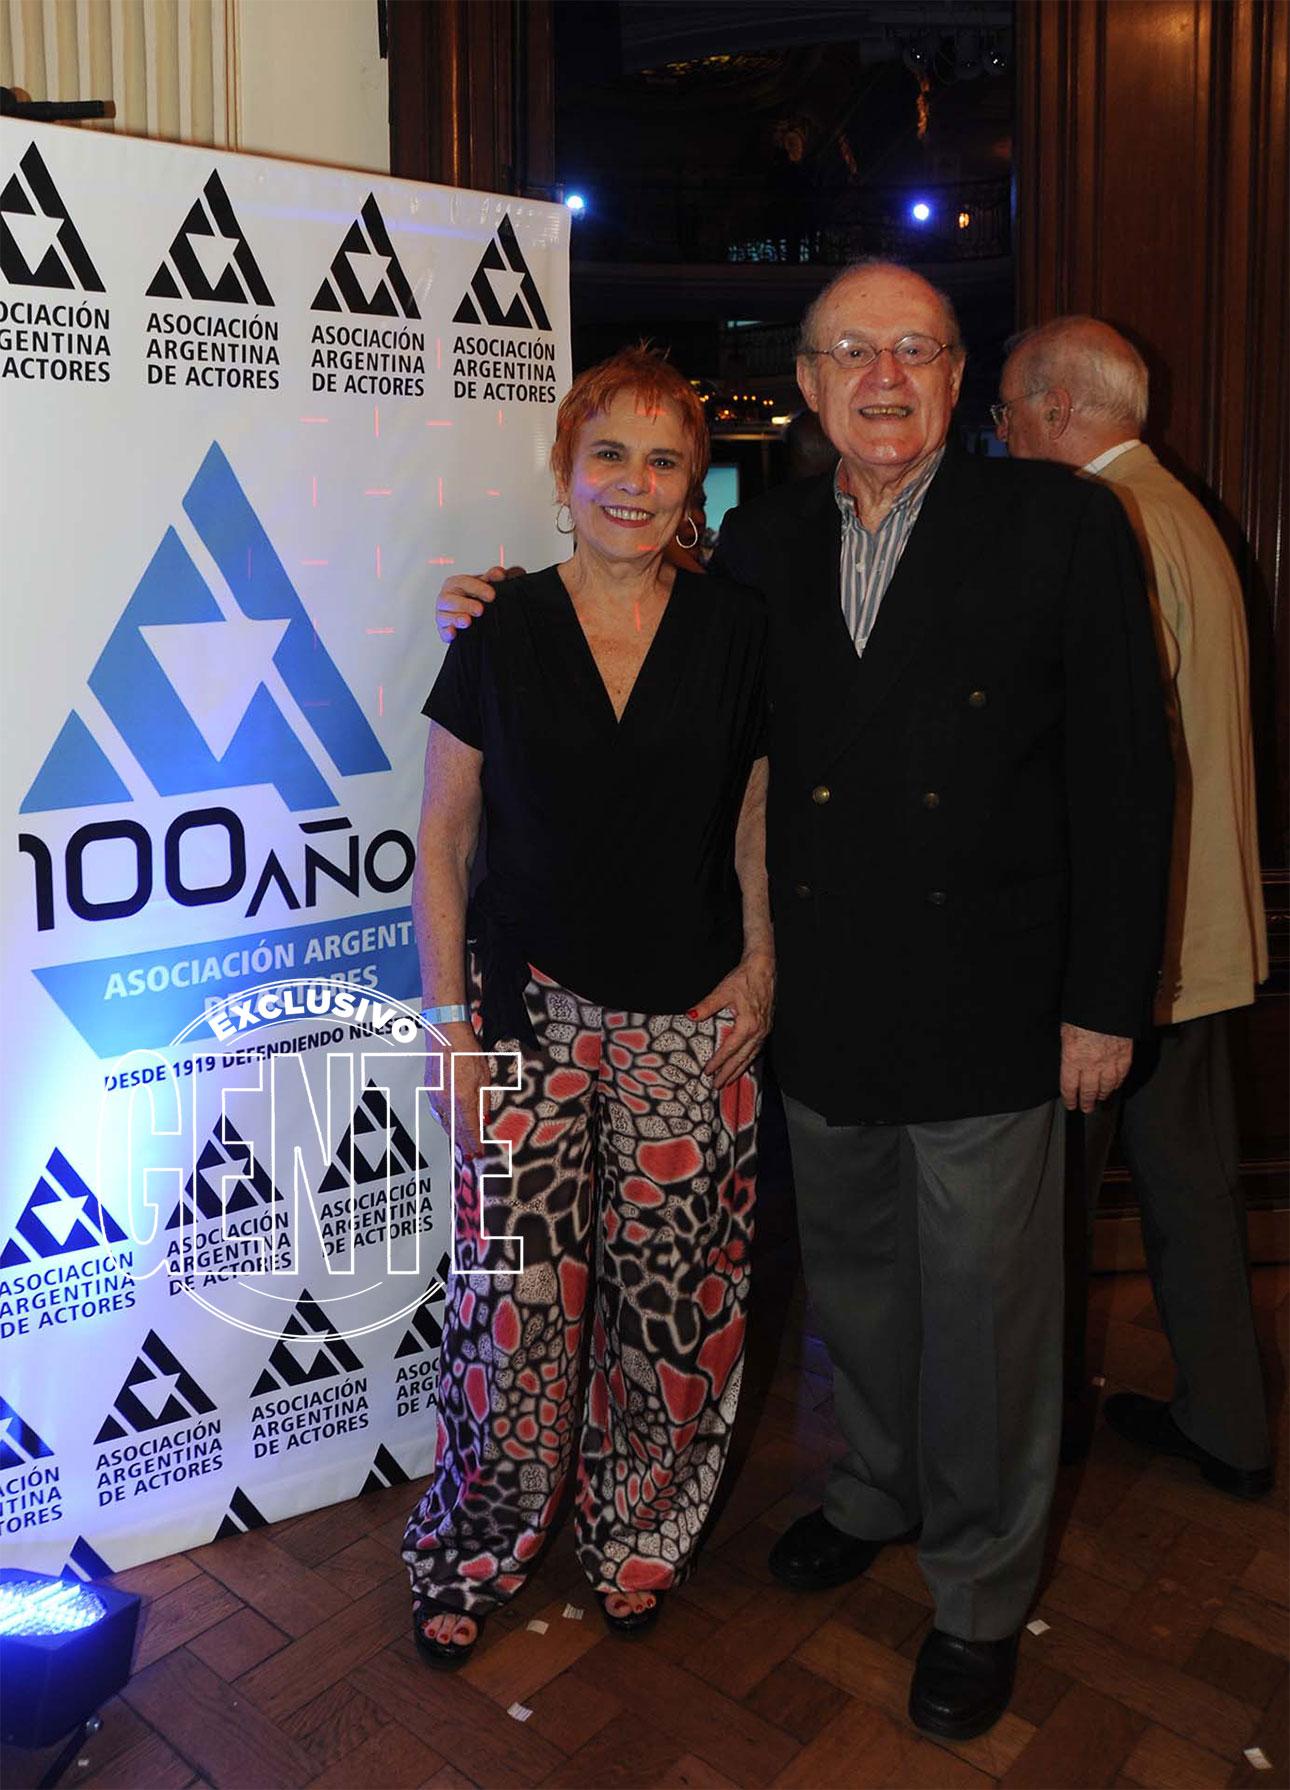 Leonor Manso y Miguel Jordán en el festejo del centenario de los actores. Foto: Enrique García Medina/GENTE